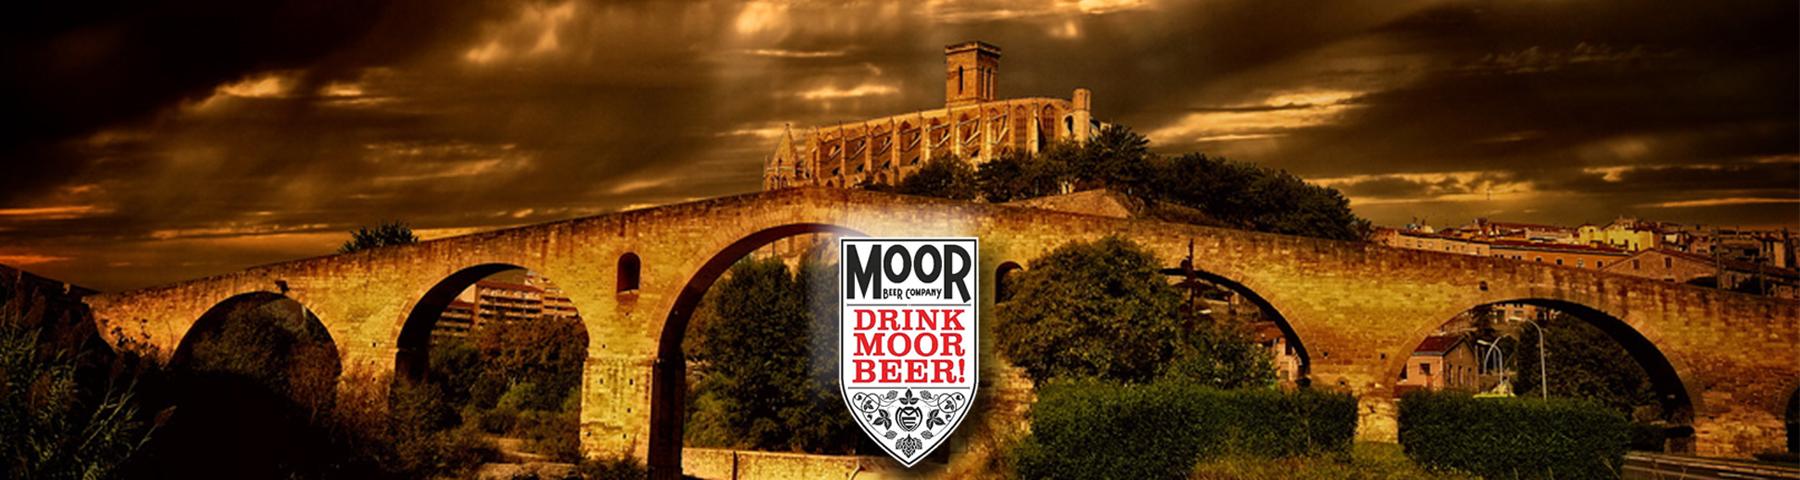 Manresa Moor Beer Co.